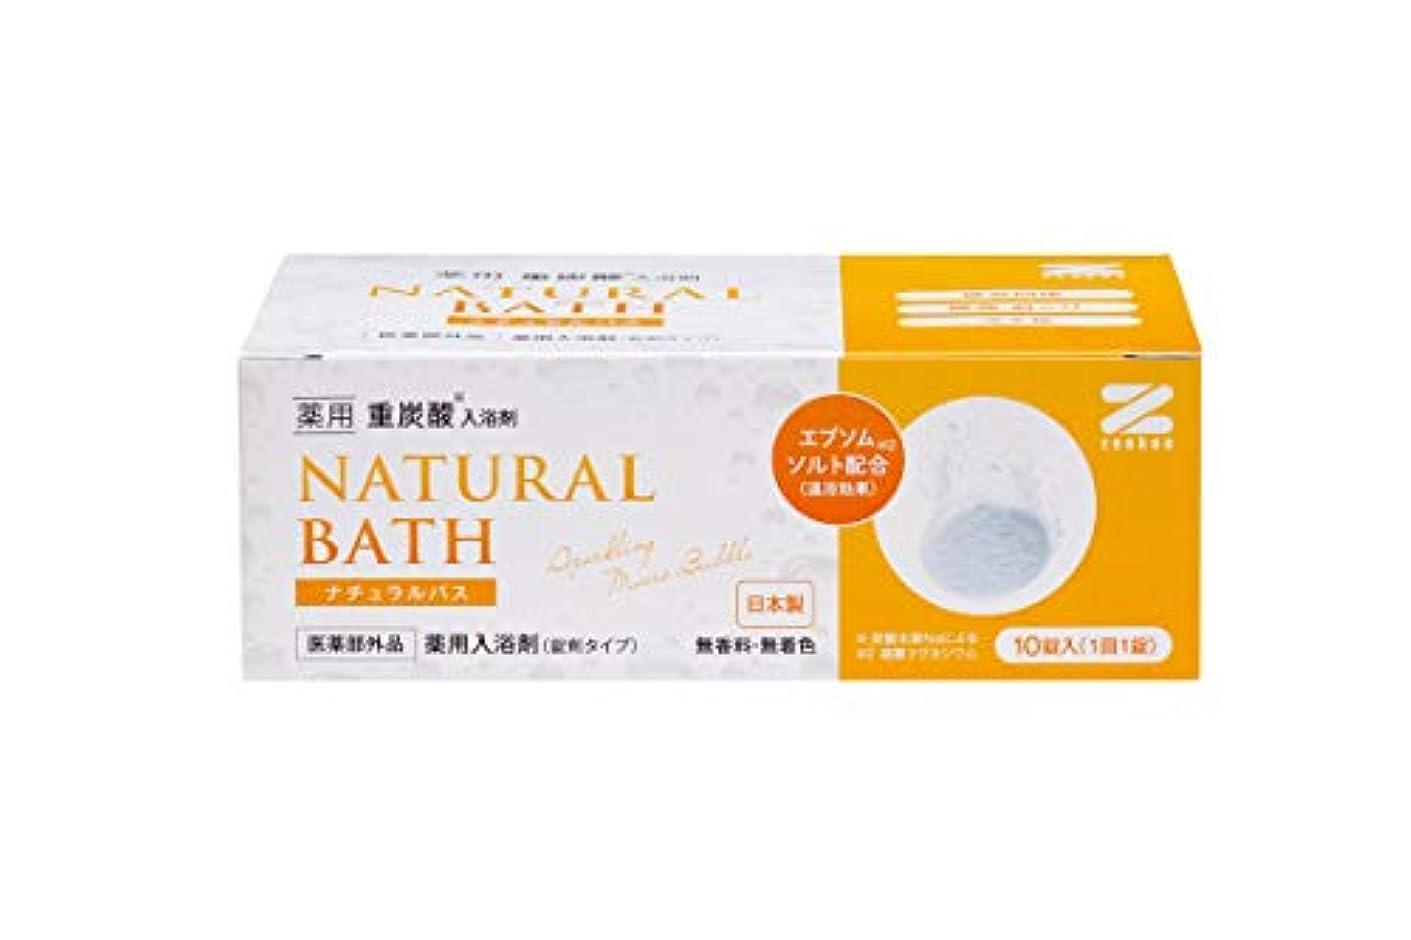 球状助言アミューズメント薬用 重炭酸入浴剤 ナチュラルバス 10個入り ZNB-10